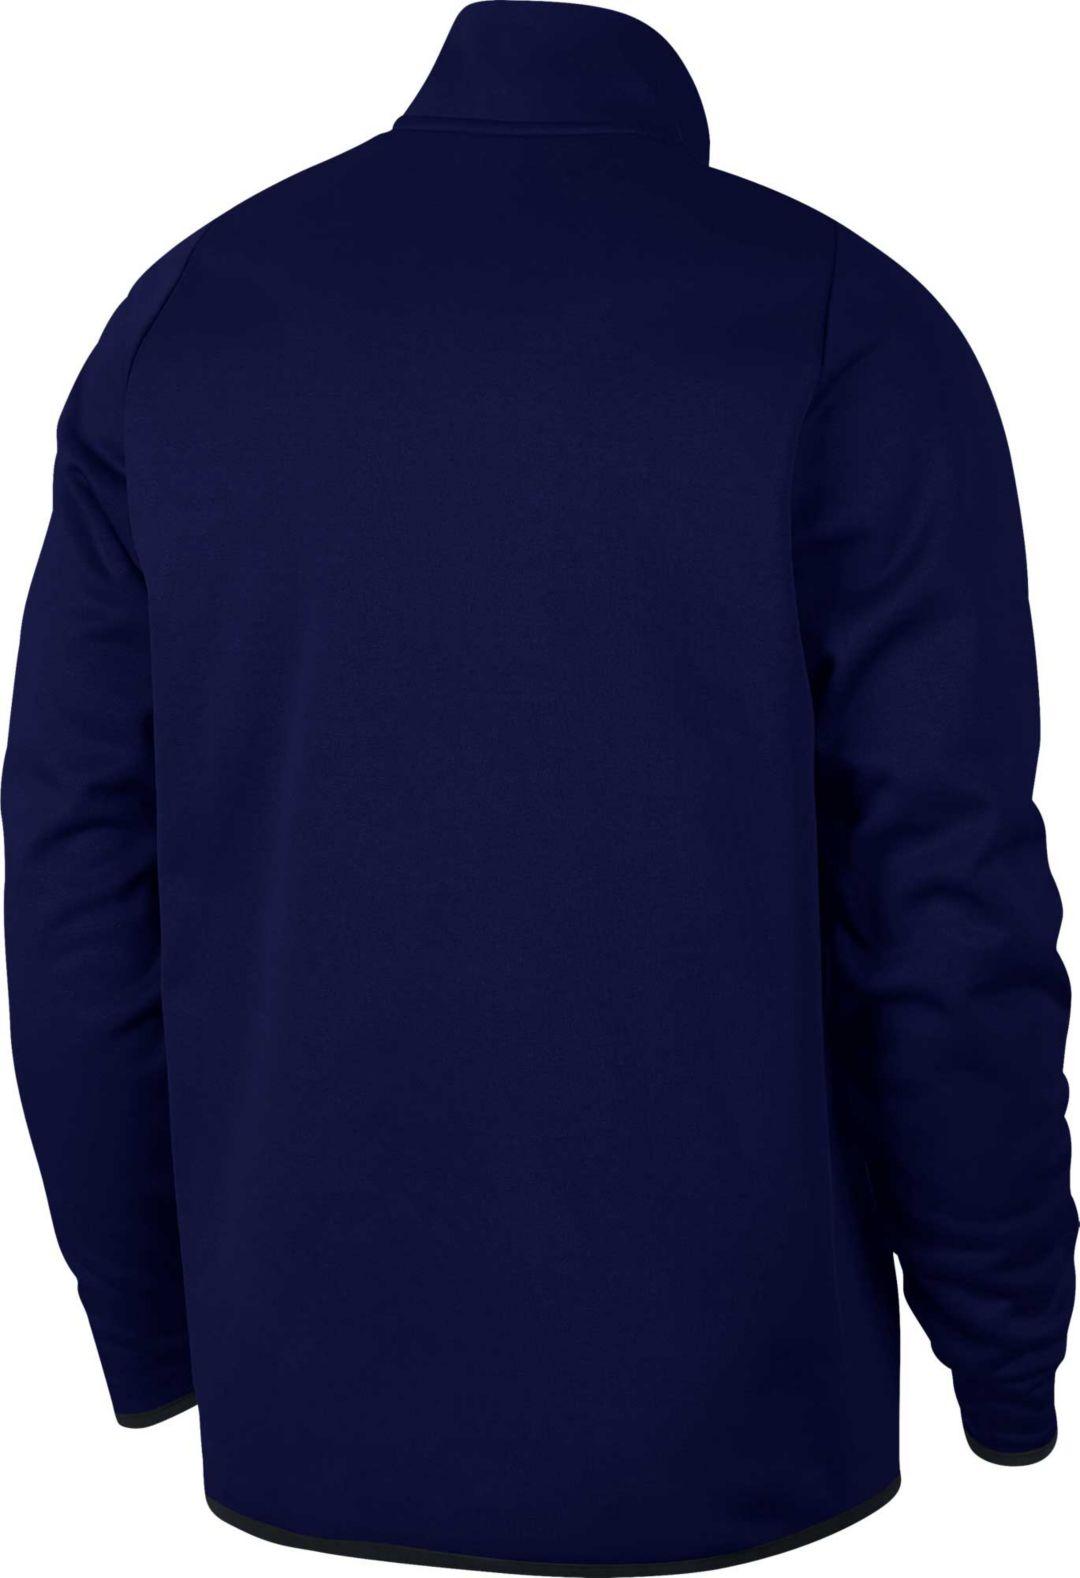 0b8c56b52 Nike Men's Therma 1/4 Zip Fleece Pullover